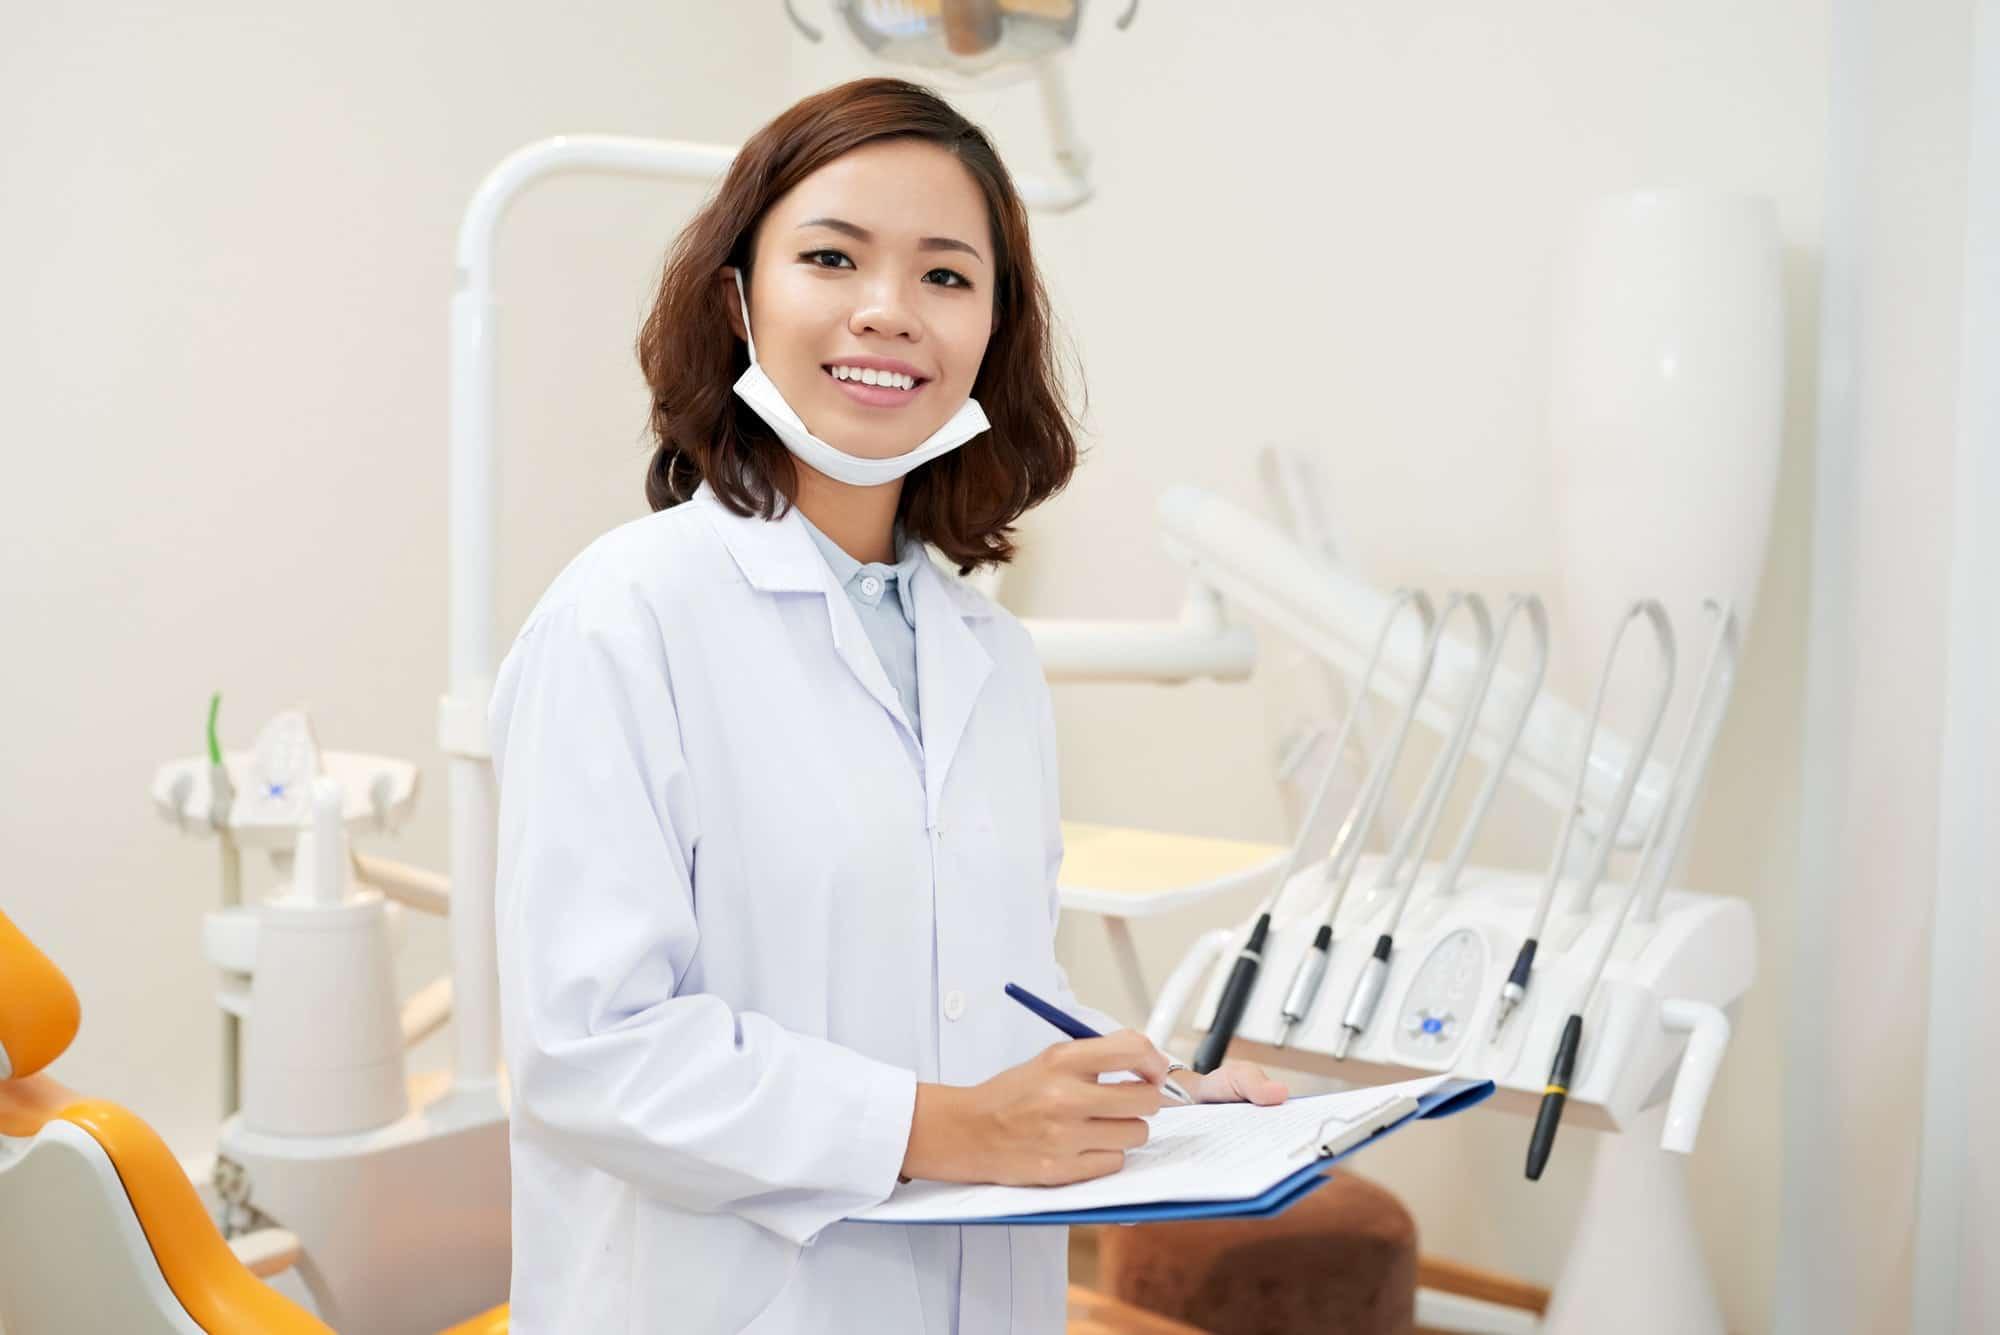 Pretty young dentist